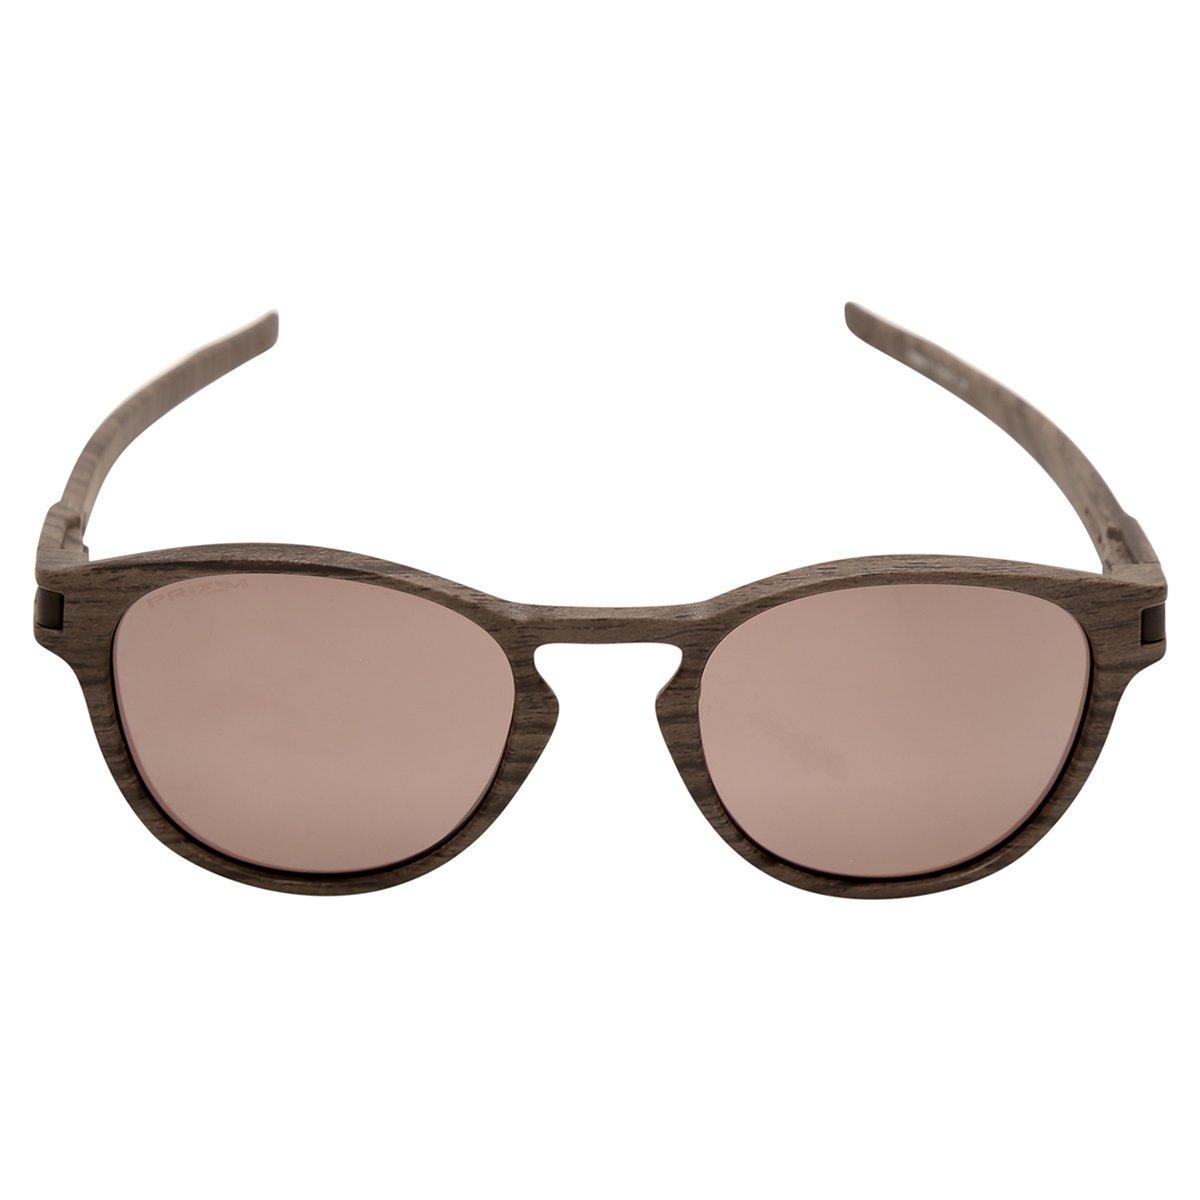 3d15d66d2bee2 Óculos de Sol de Sol Oakley Latch Masculino - Compre Agora